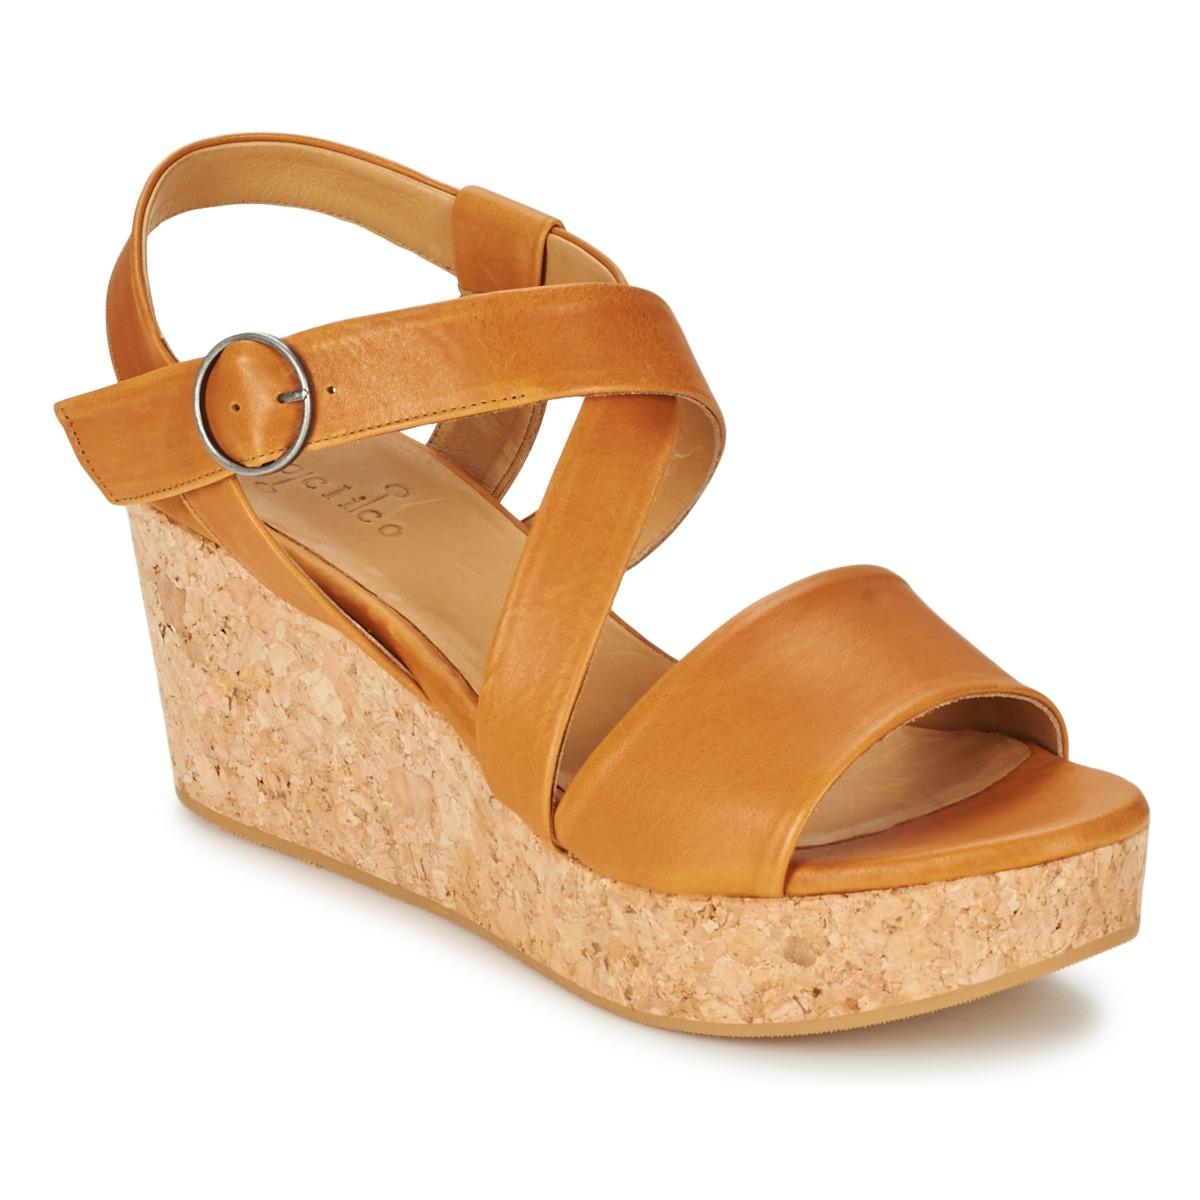 Sandale Coclico MEL Camel